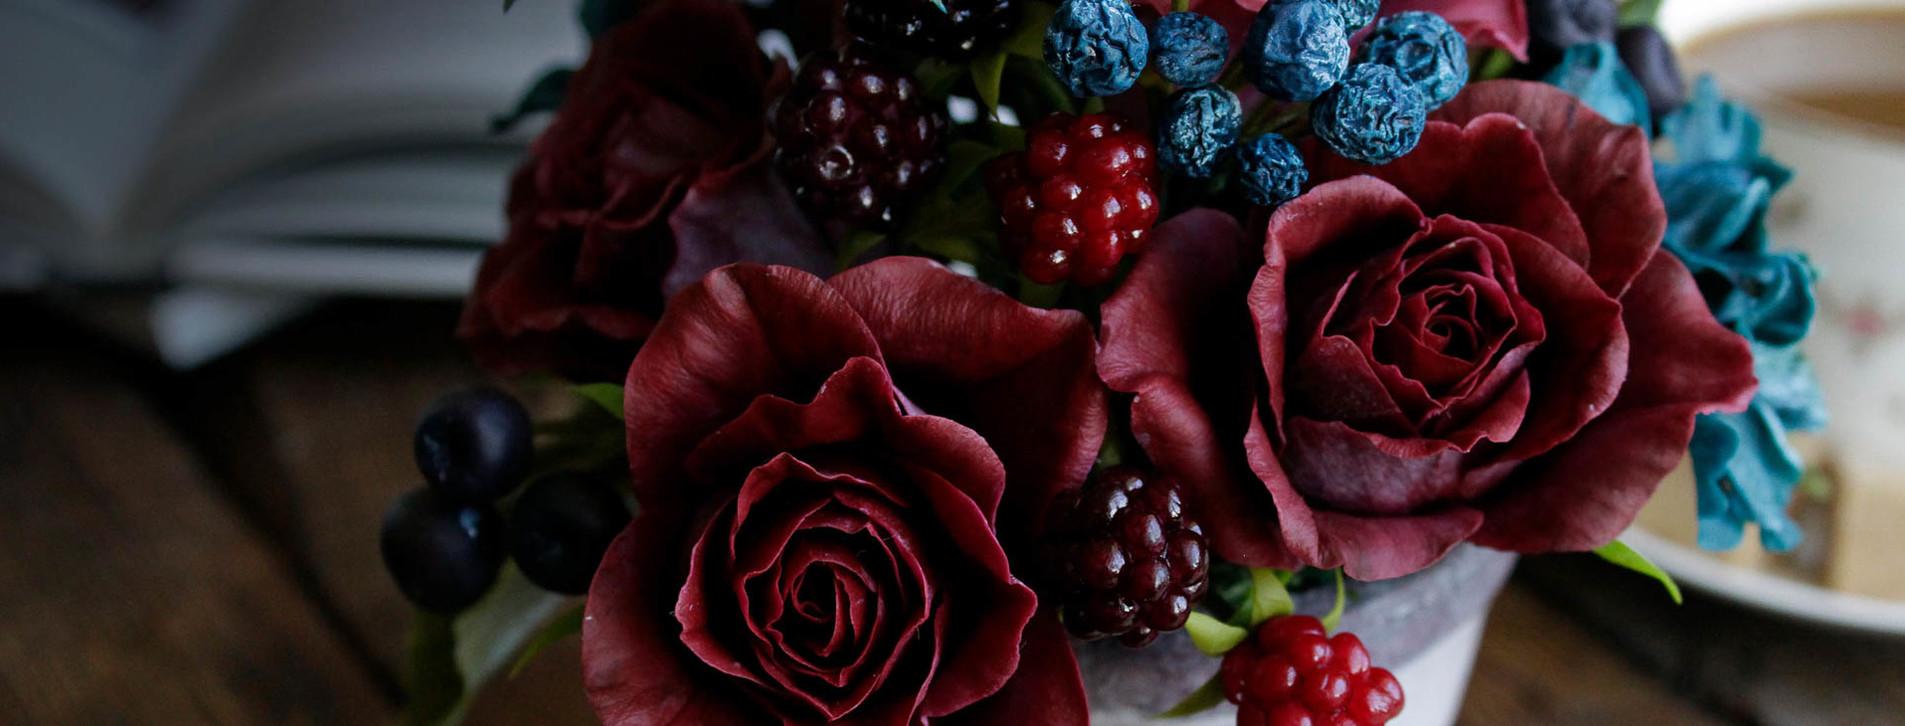 Фото 1 - Цветы из полимерной глины для двоих